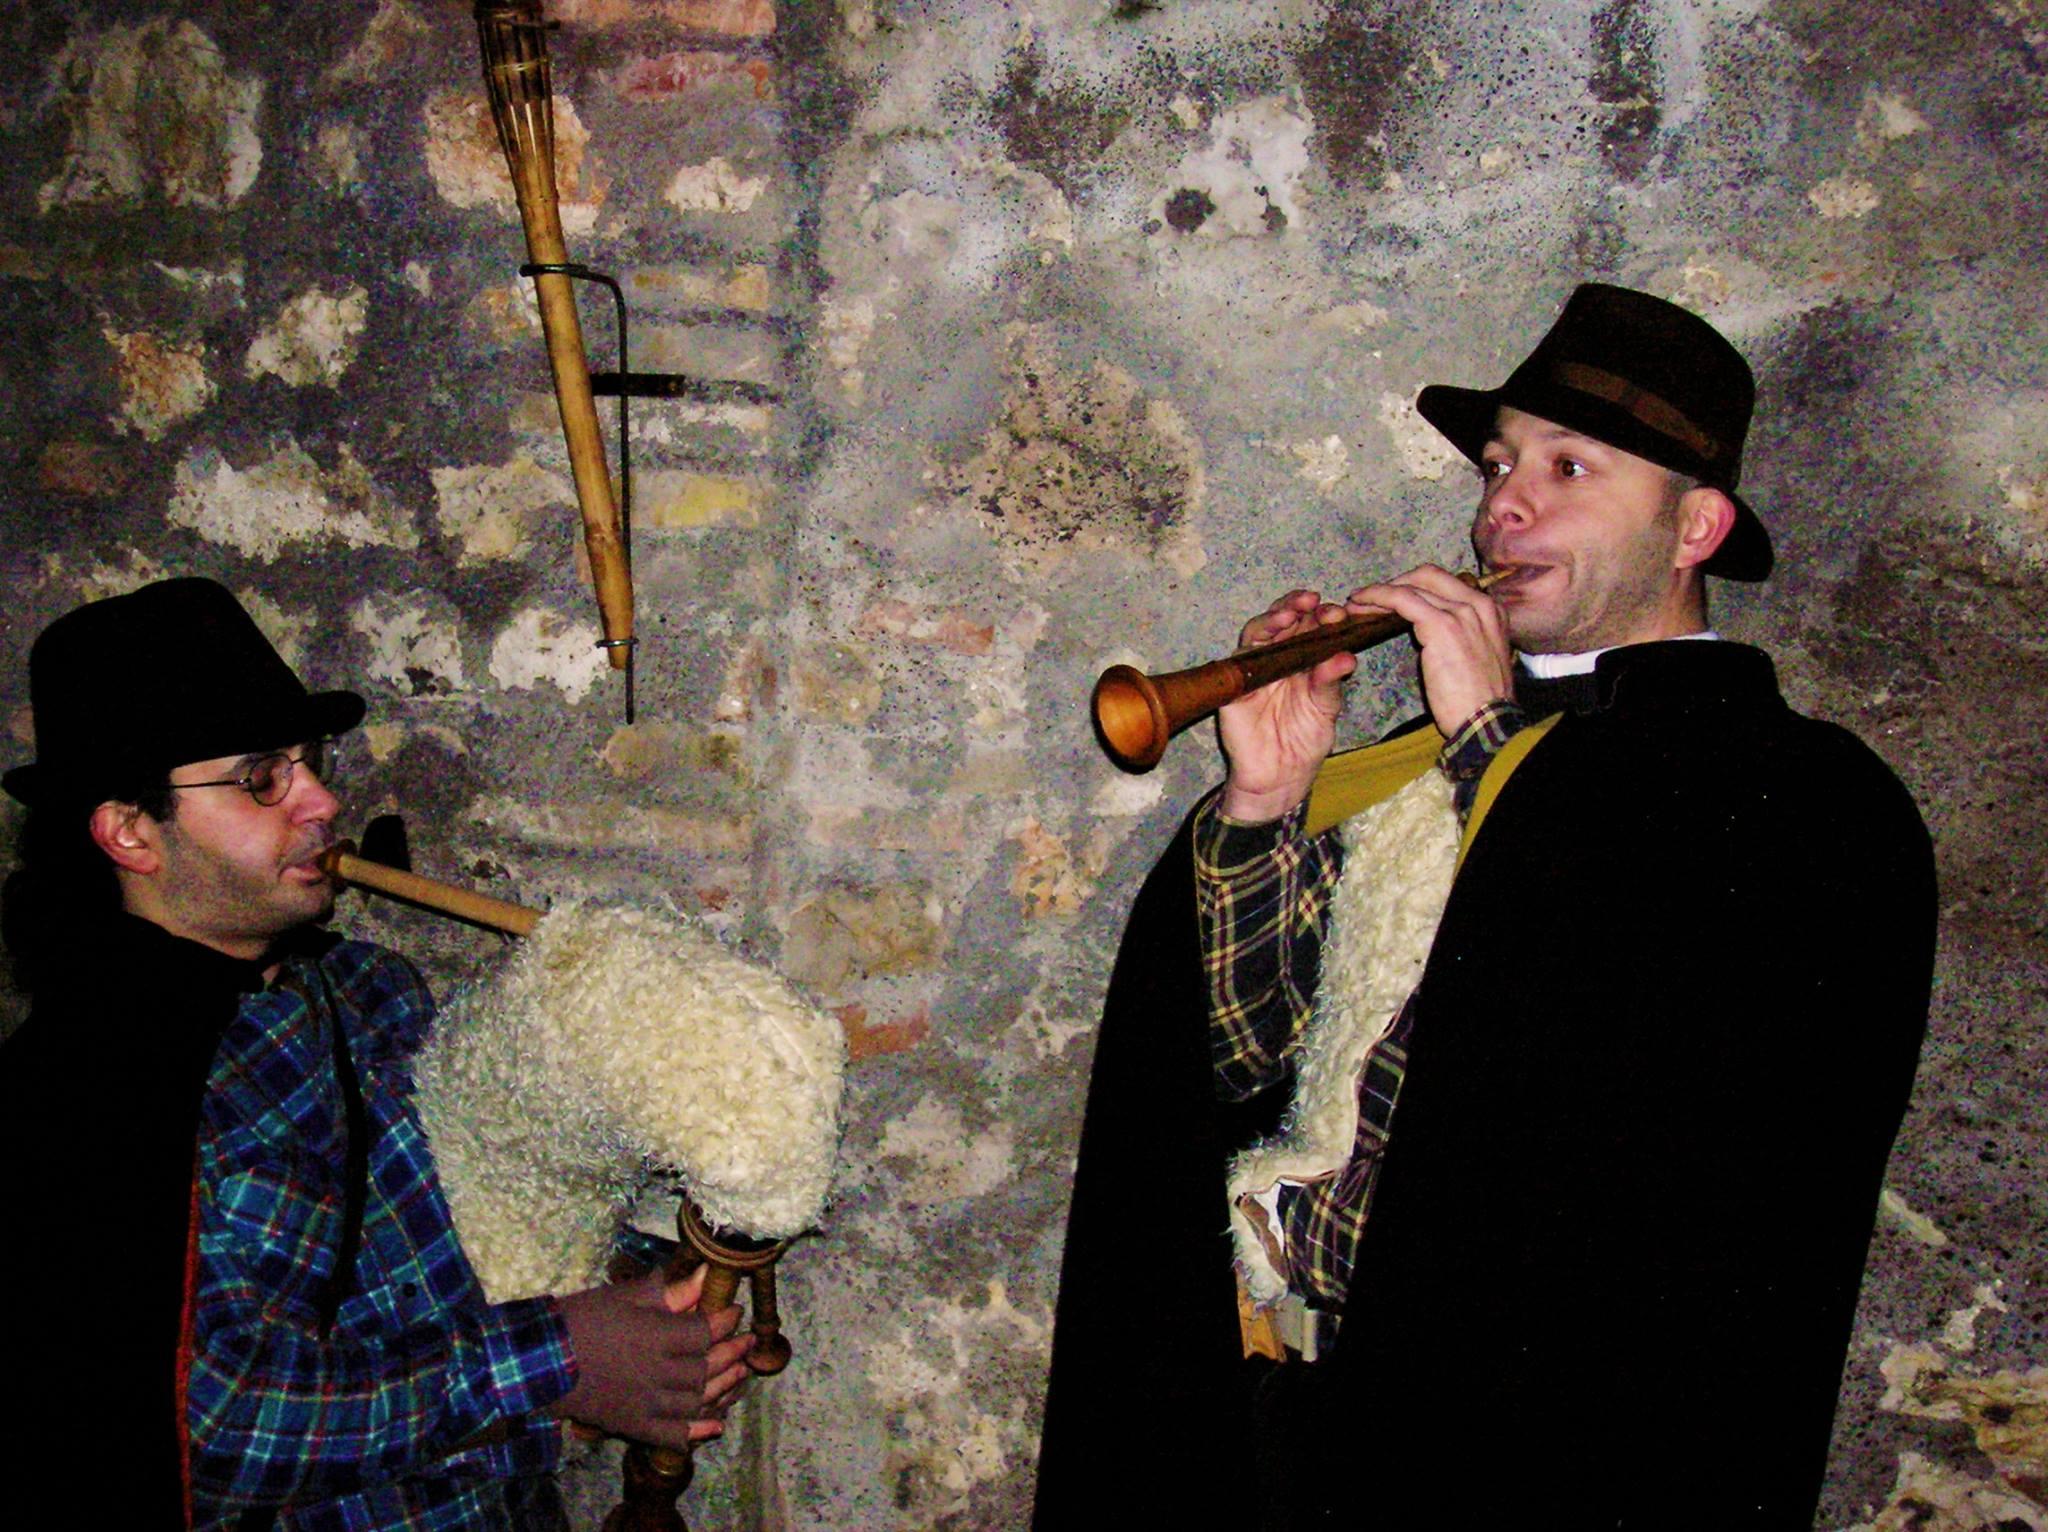 La musica e la tradizione: il giro questuante degli zampognari in Umbria